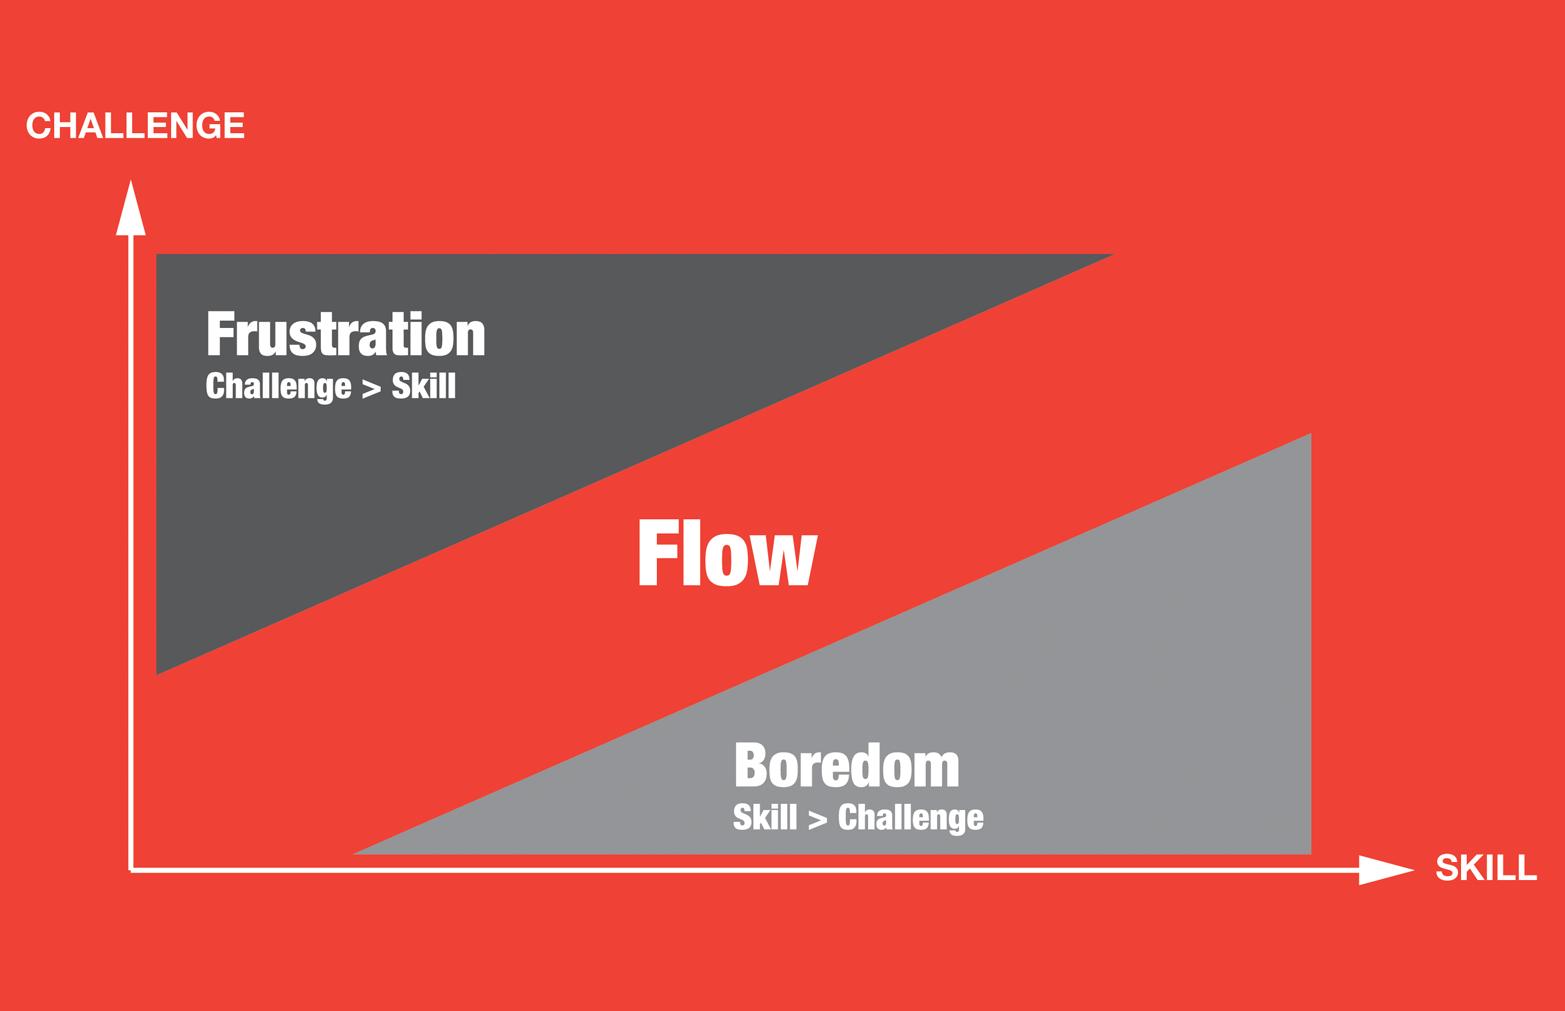 The flow principle